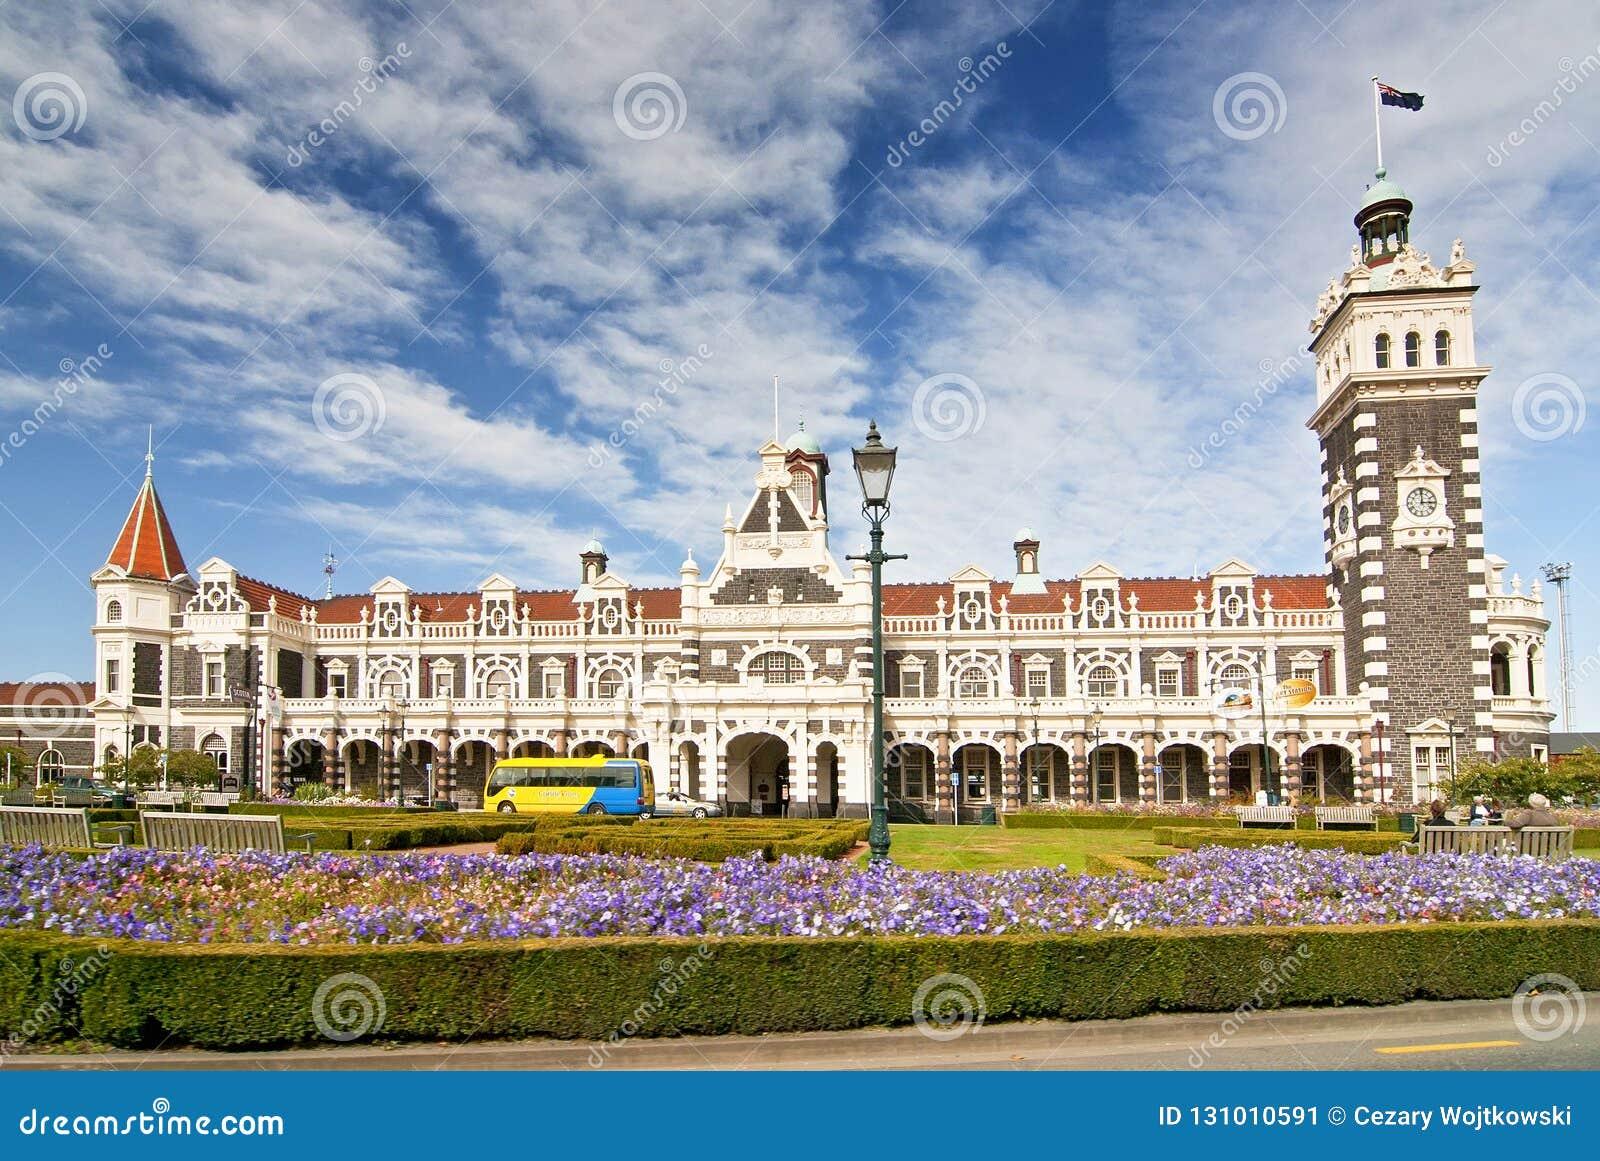 Estação de trem histórica em Dunedin, Otago, ilha sul, Nova Zelândia